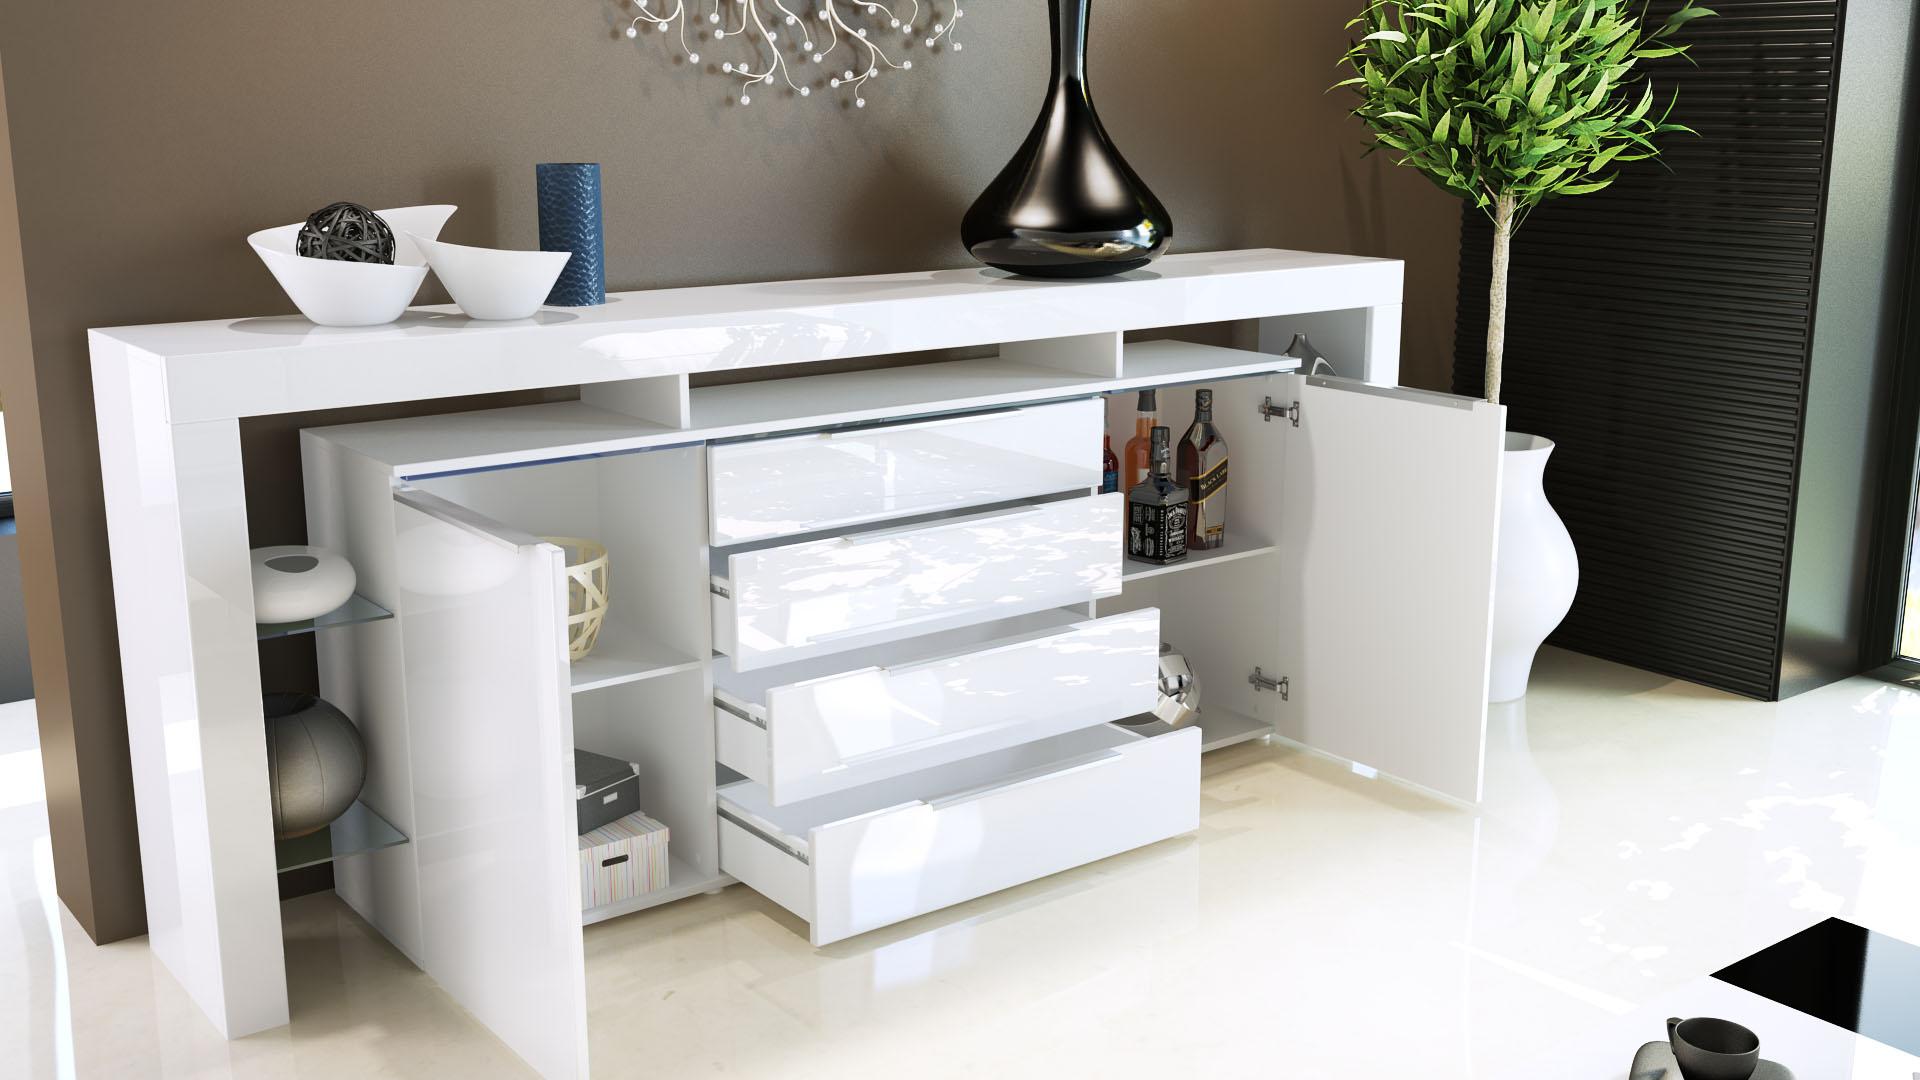 Schrank Jersey Kommode Weiß Sideboard : Sideboard mit 4 Schubkästen und 2 Türen Mit 2 großen Innenräumen